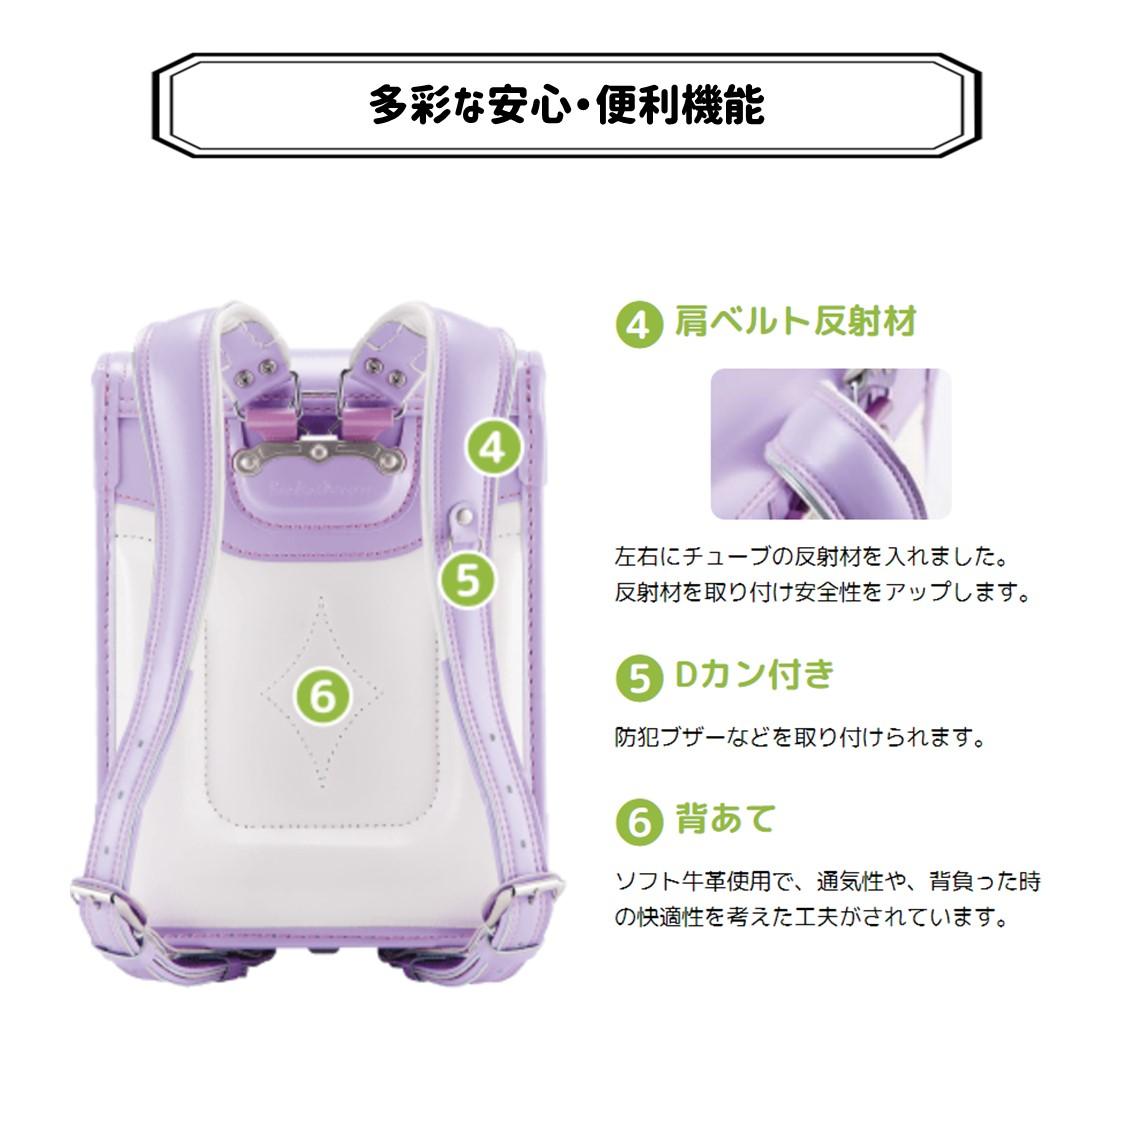 バンビーニ プリンセス 牛革 キャメル/ピンク